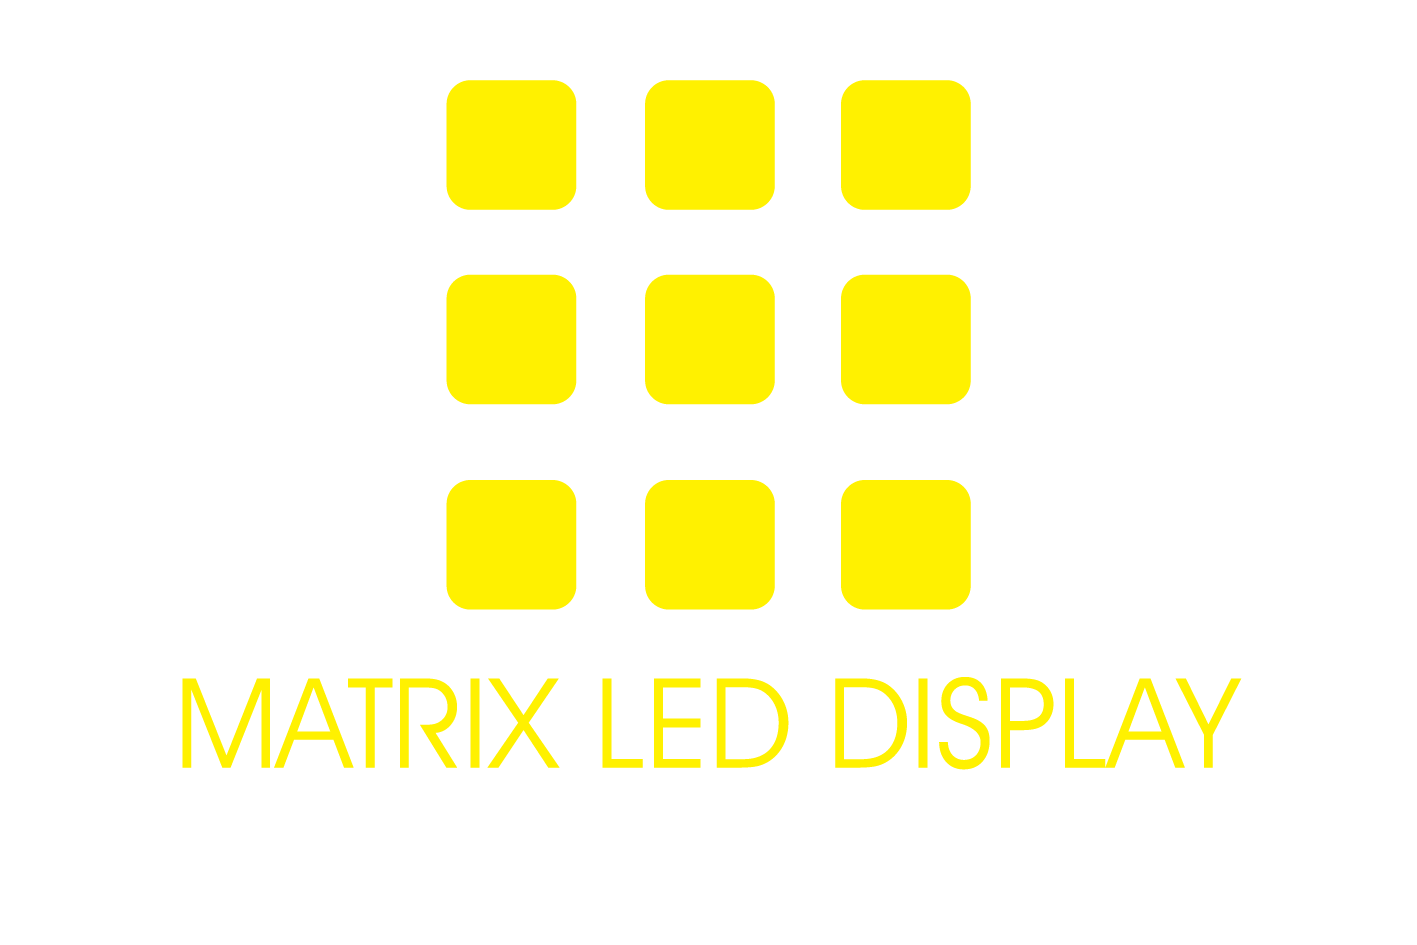 MATRIX LED DISPLAY